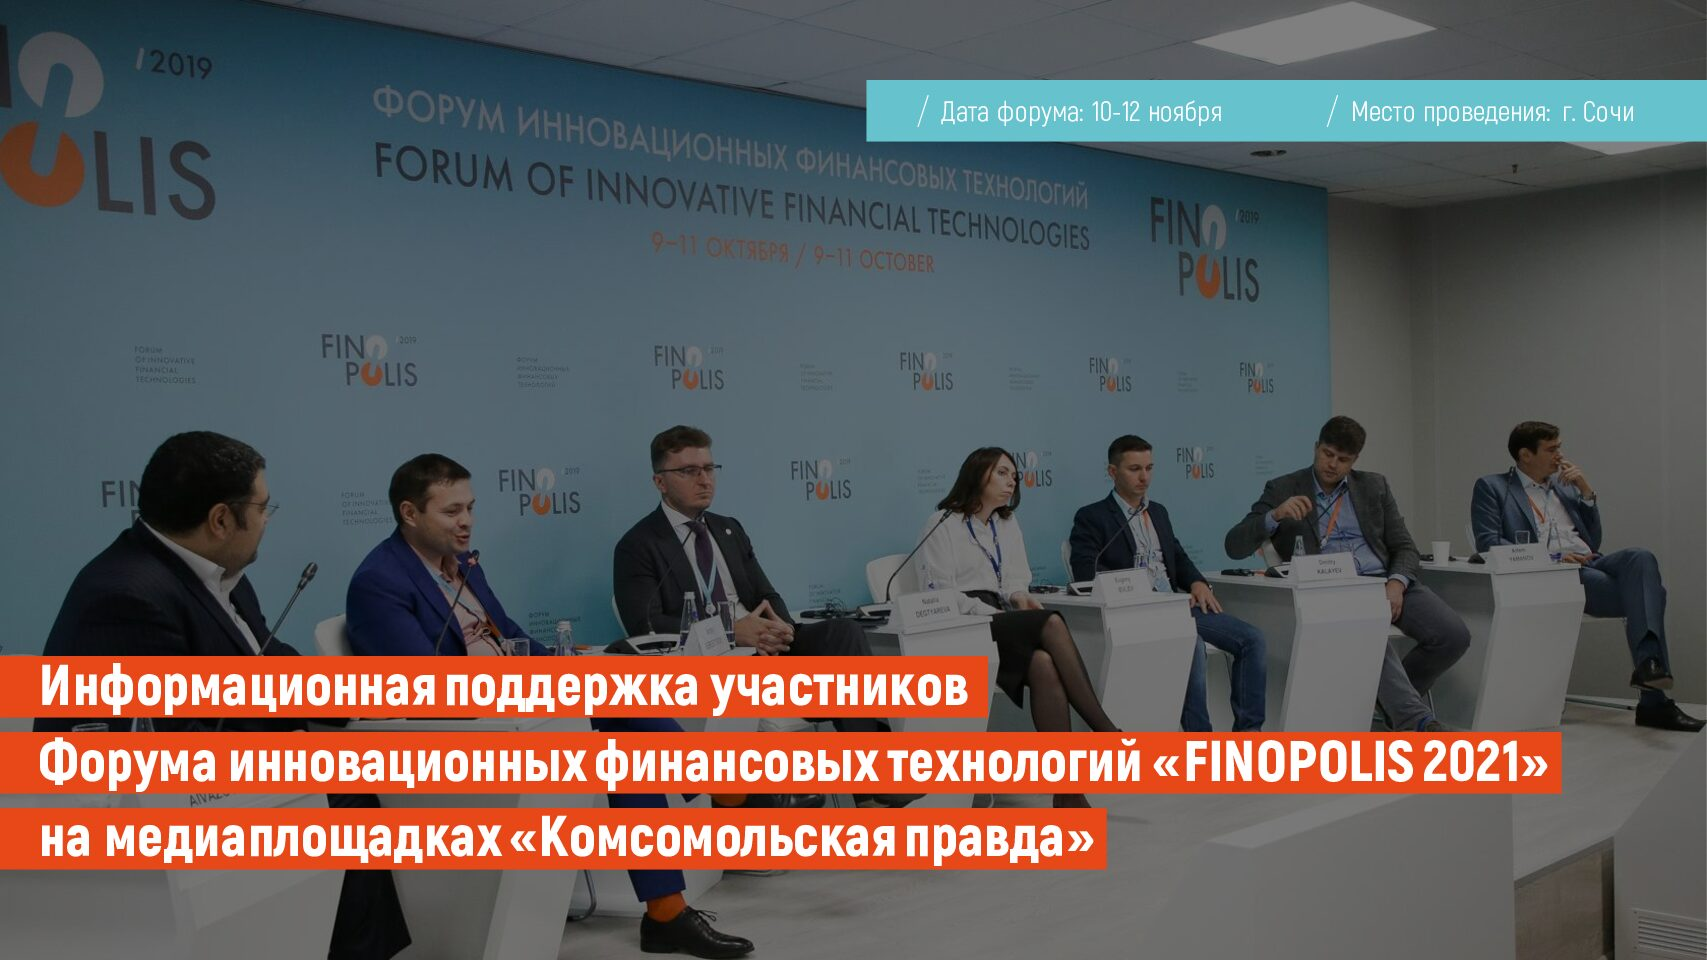 Финополис 2021- Информационная поддержка участников